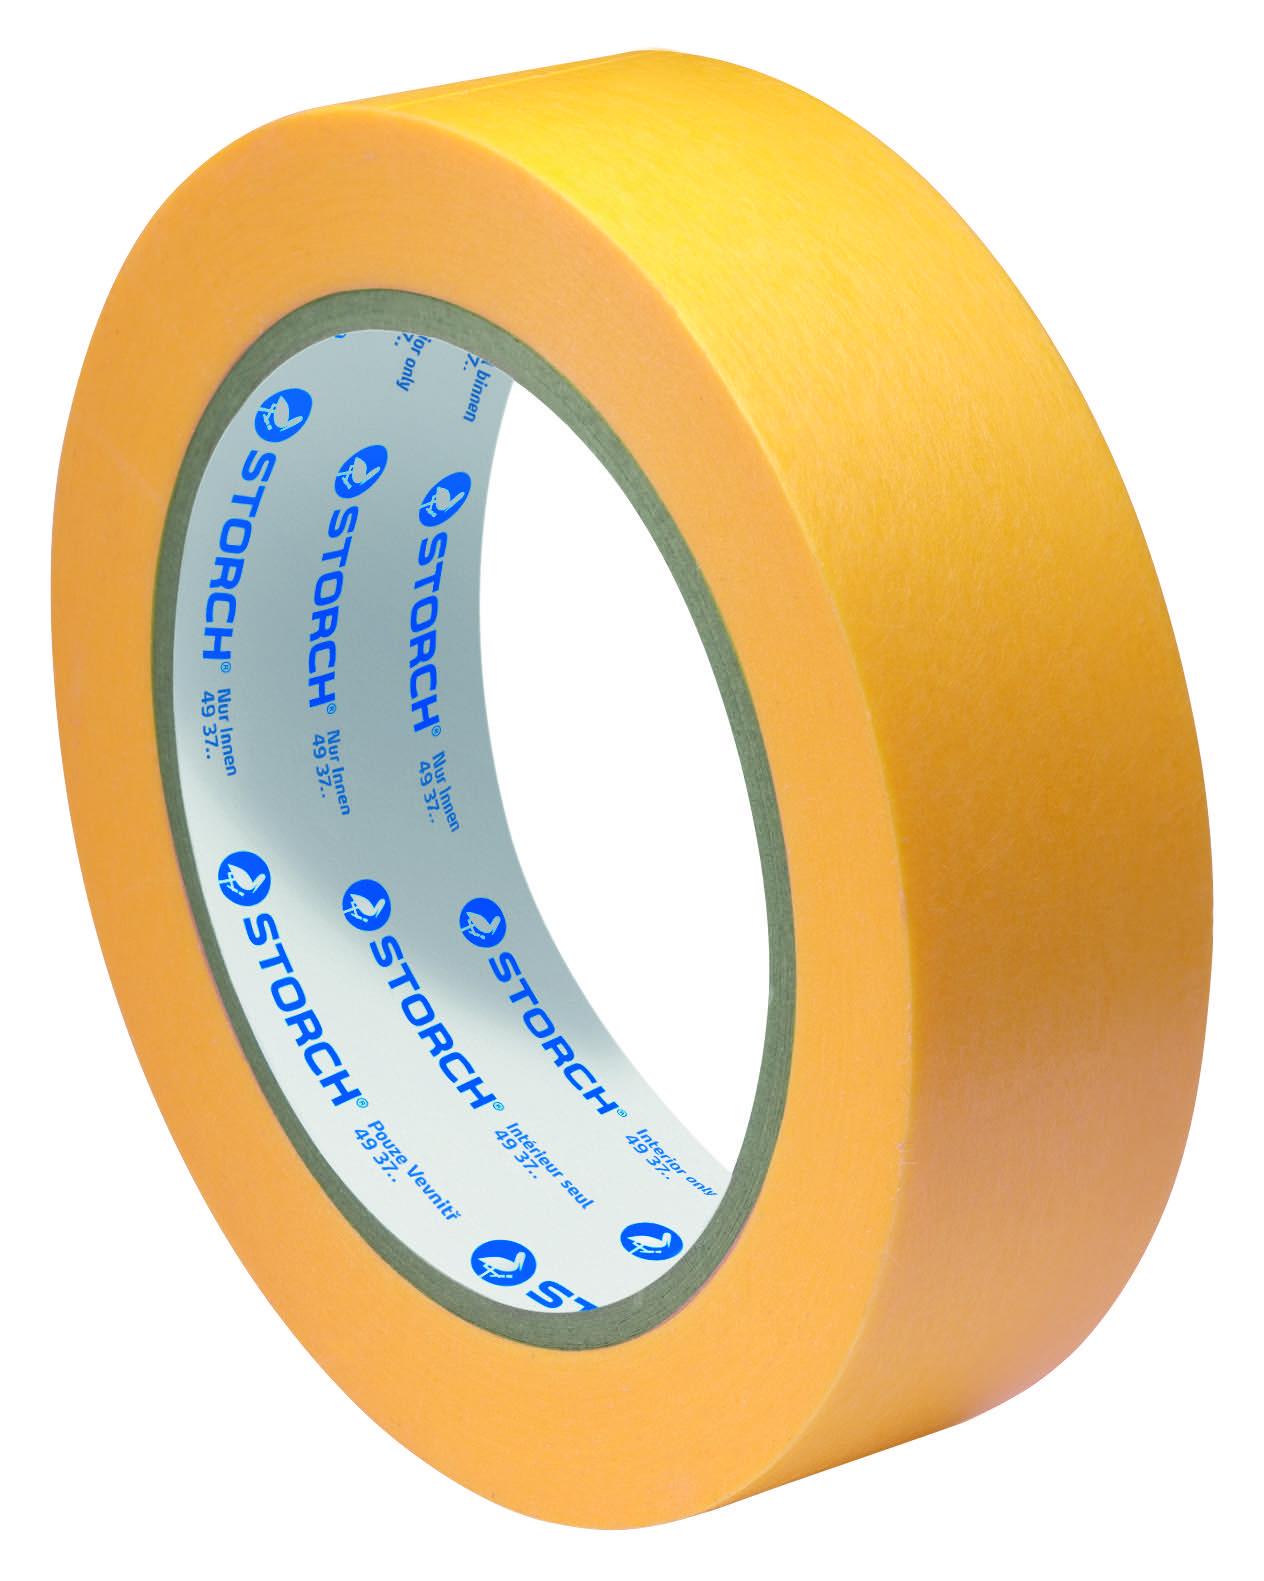 STORCH EASYpaper Das Goldene Papierklebeband für Farben und Lacke (Innen) -Spezial- 19mm / 50m